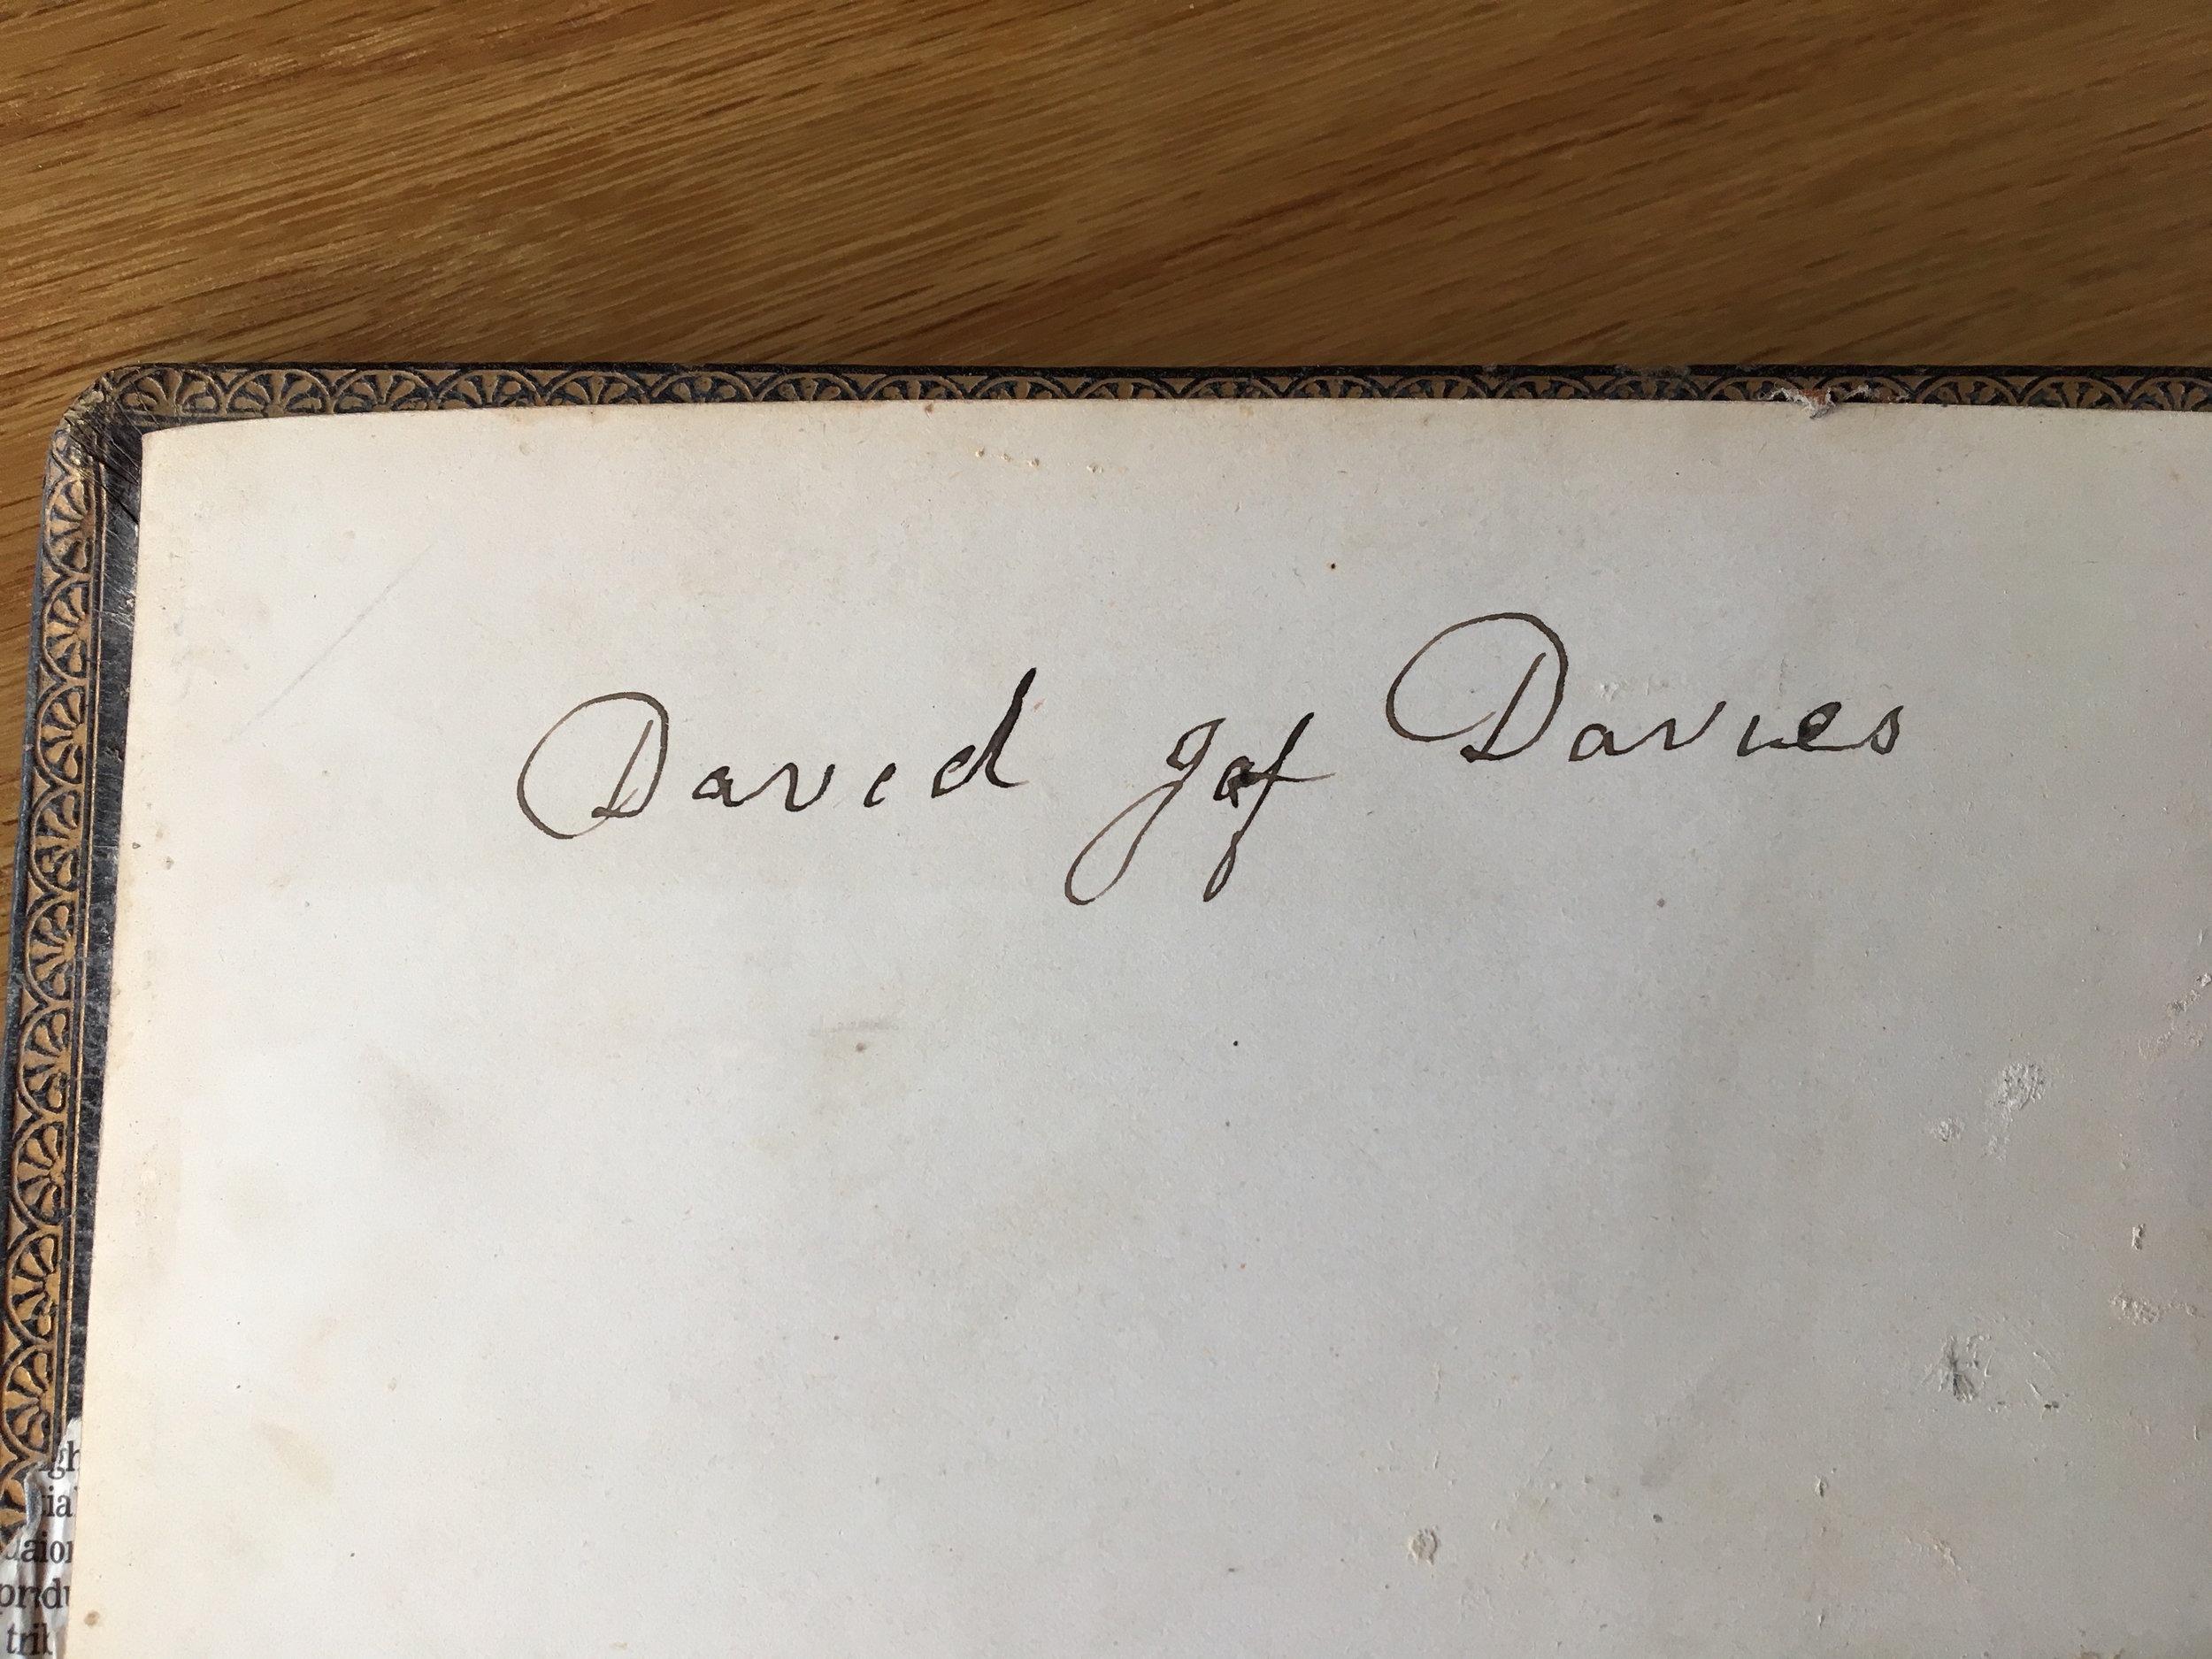 Llofnod Davy ar yr albwm. Davy's signature on the album.